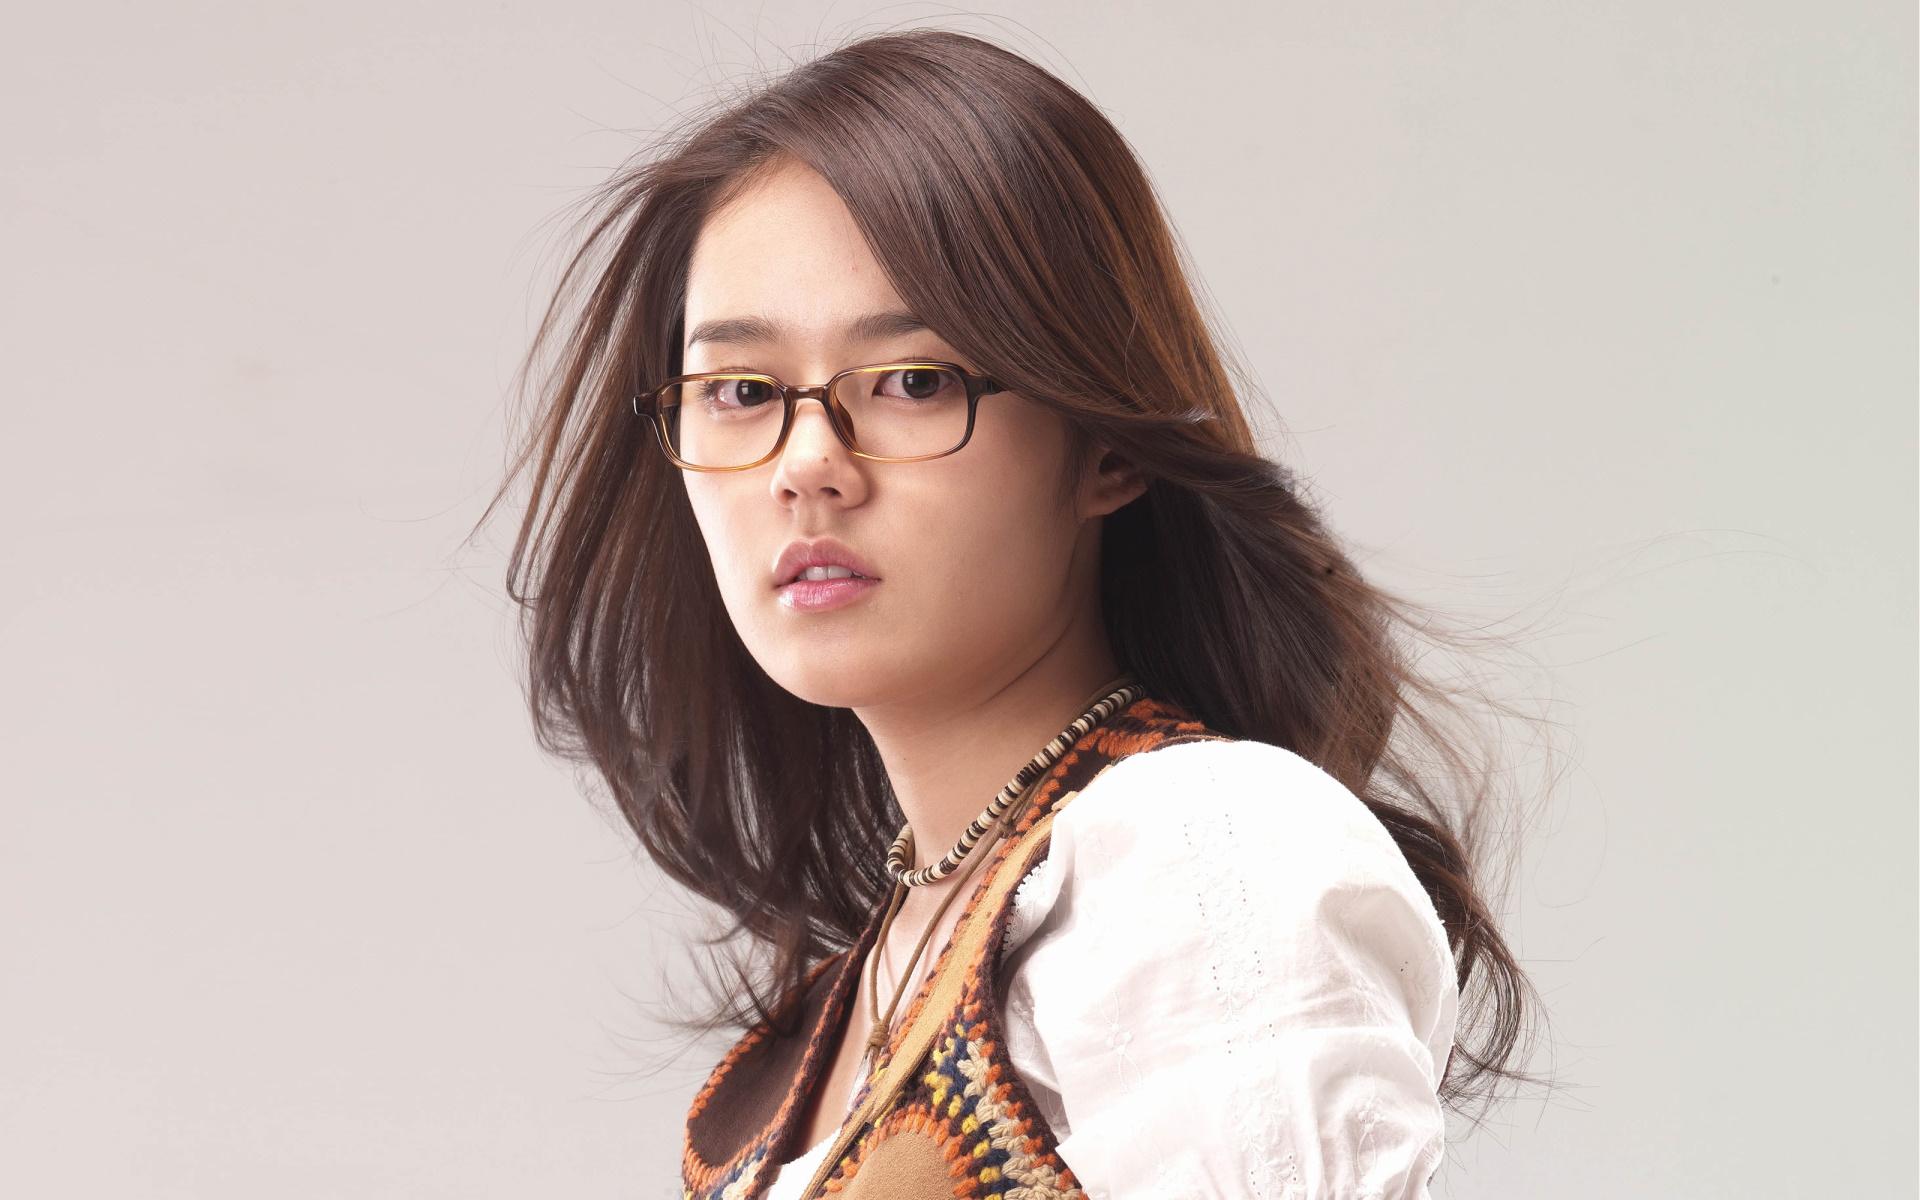 韩国女明星 韩佳人051920x1200壁纸